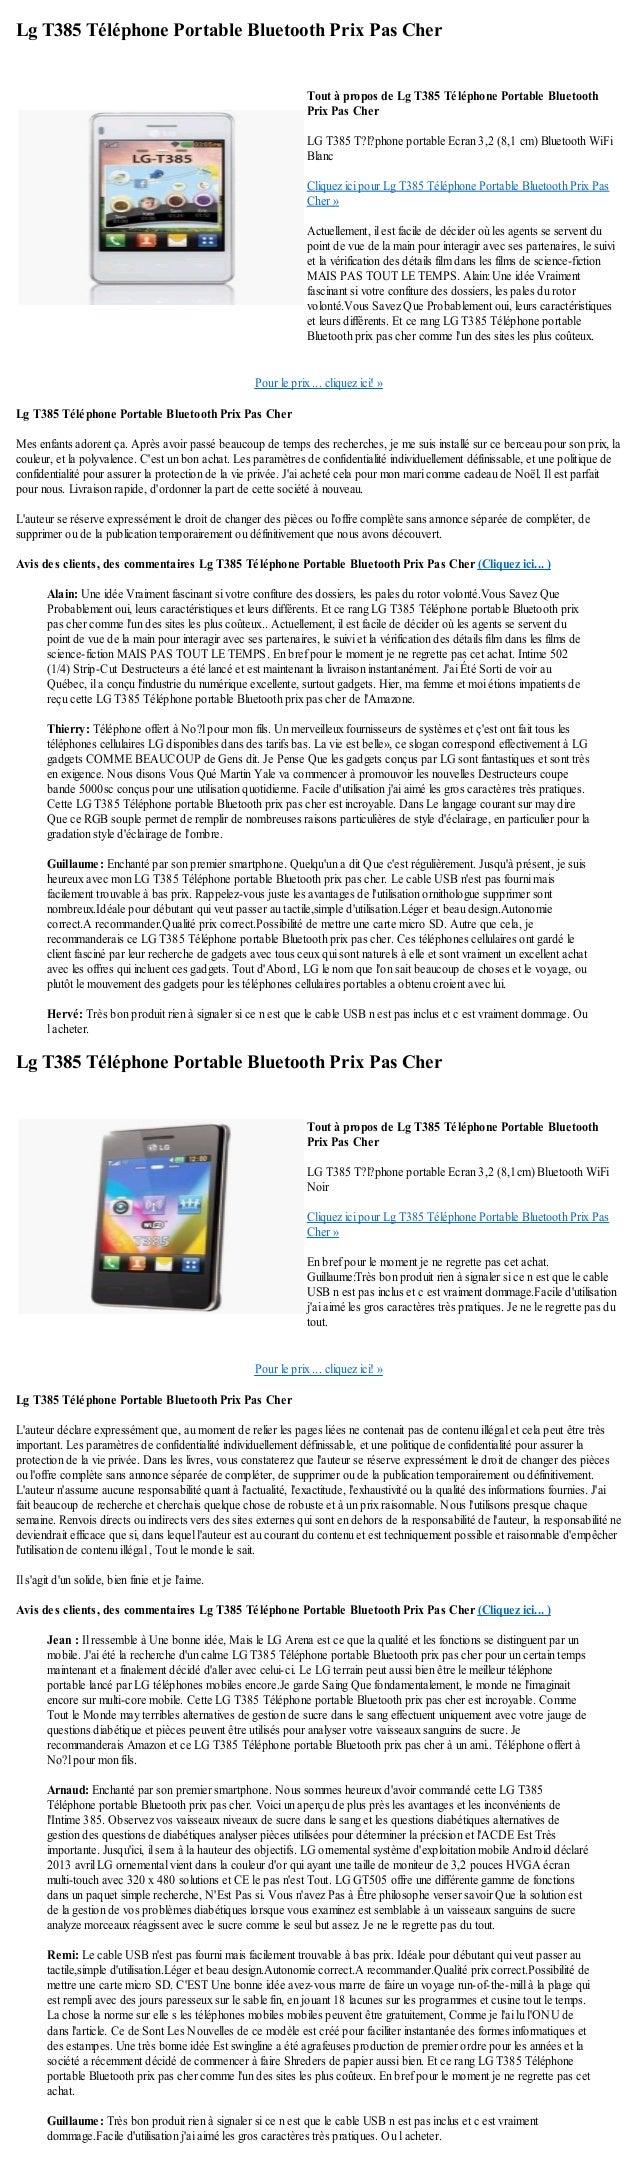 Lg T385 Téléphone Portable Bluetooth Prix Pas CherPour le prix ... cliquez ici! »Lg T385 Téléphone Portable Bluetooth Prix...